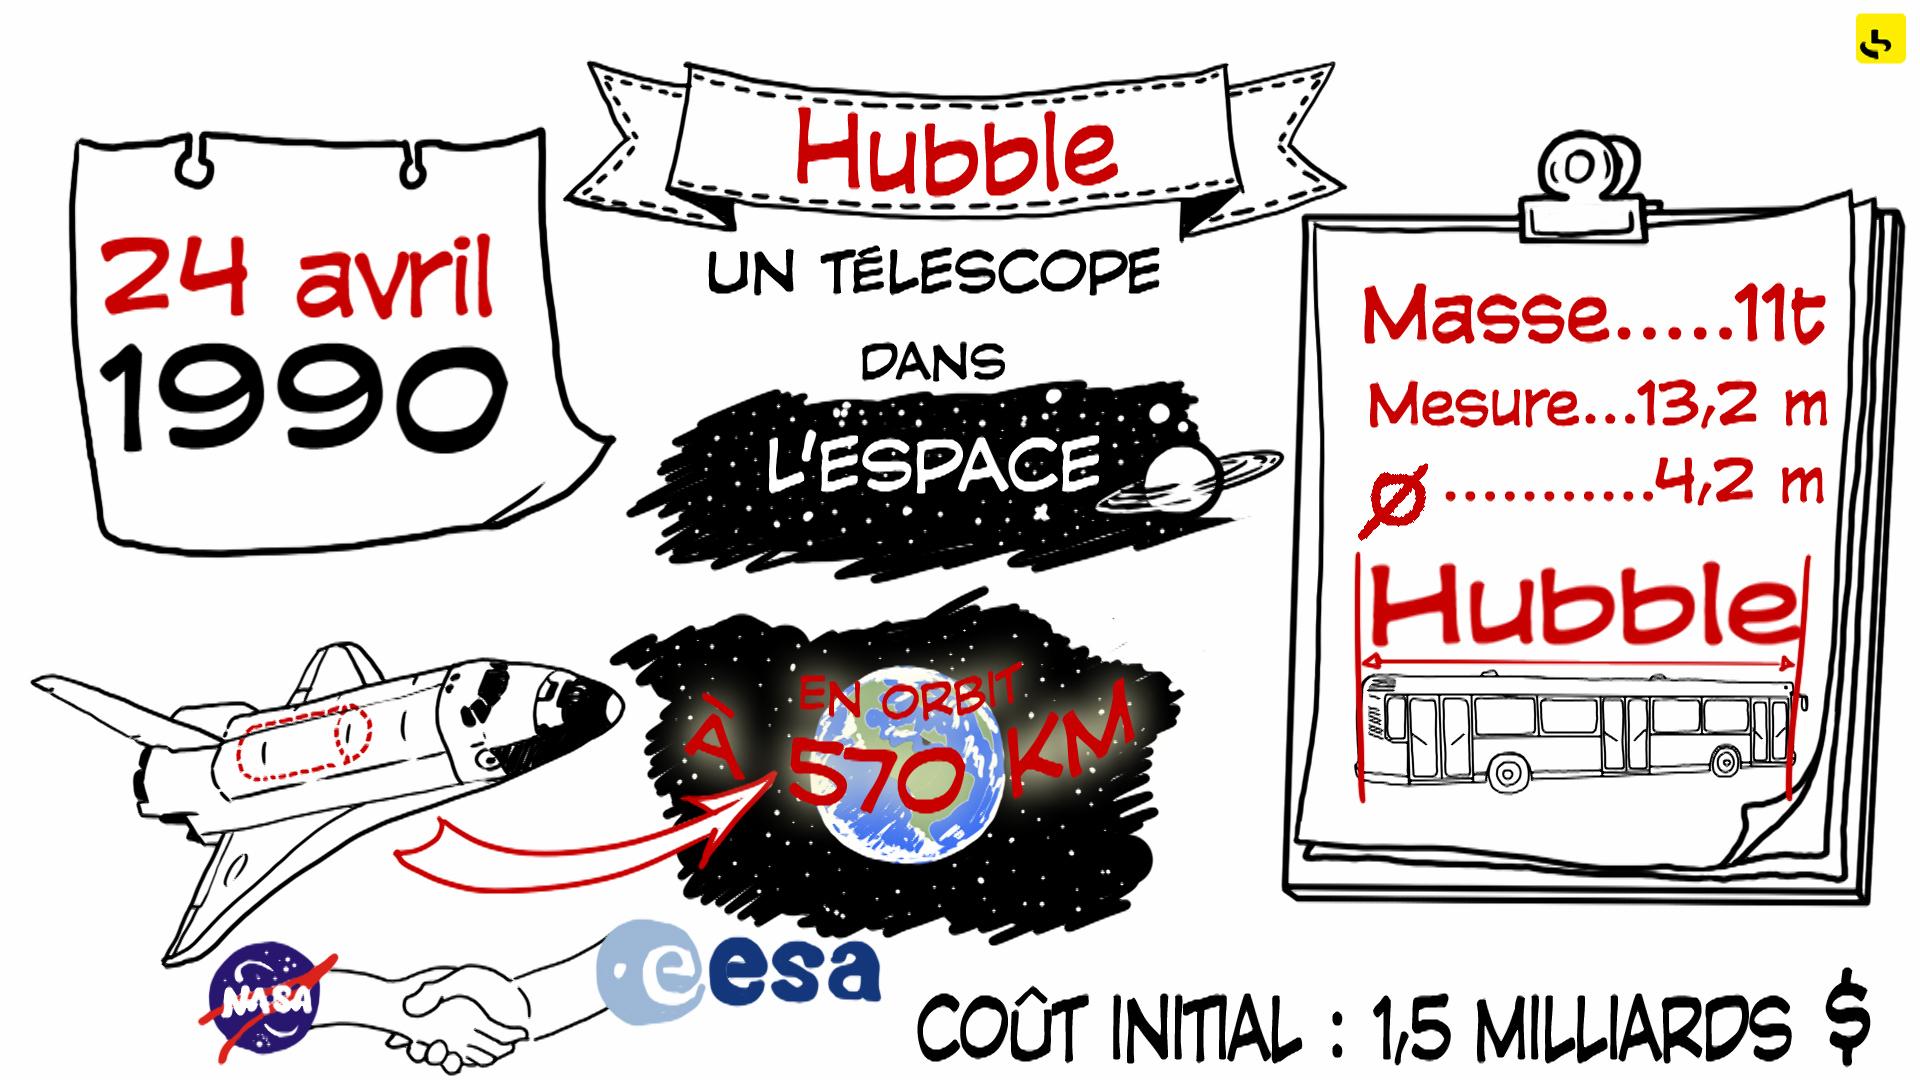 Expliquez-nous Hubble